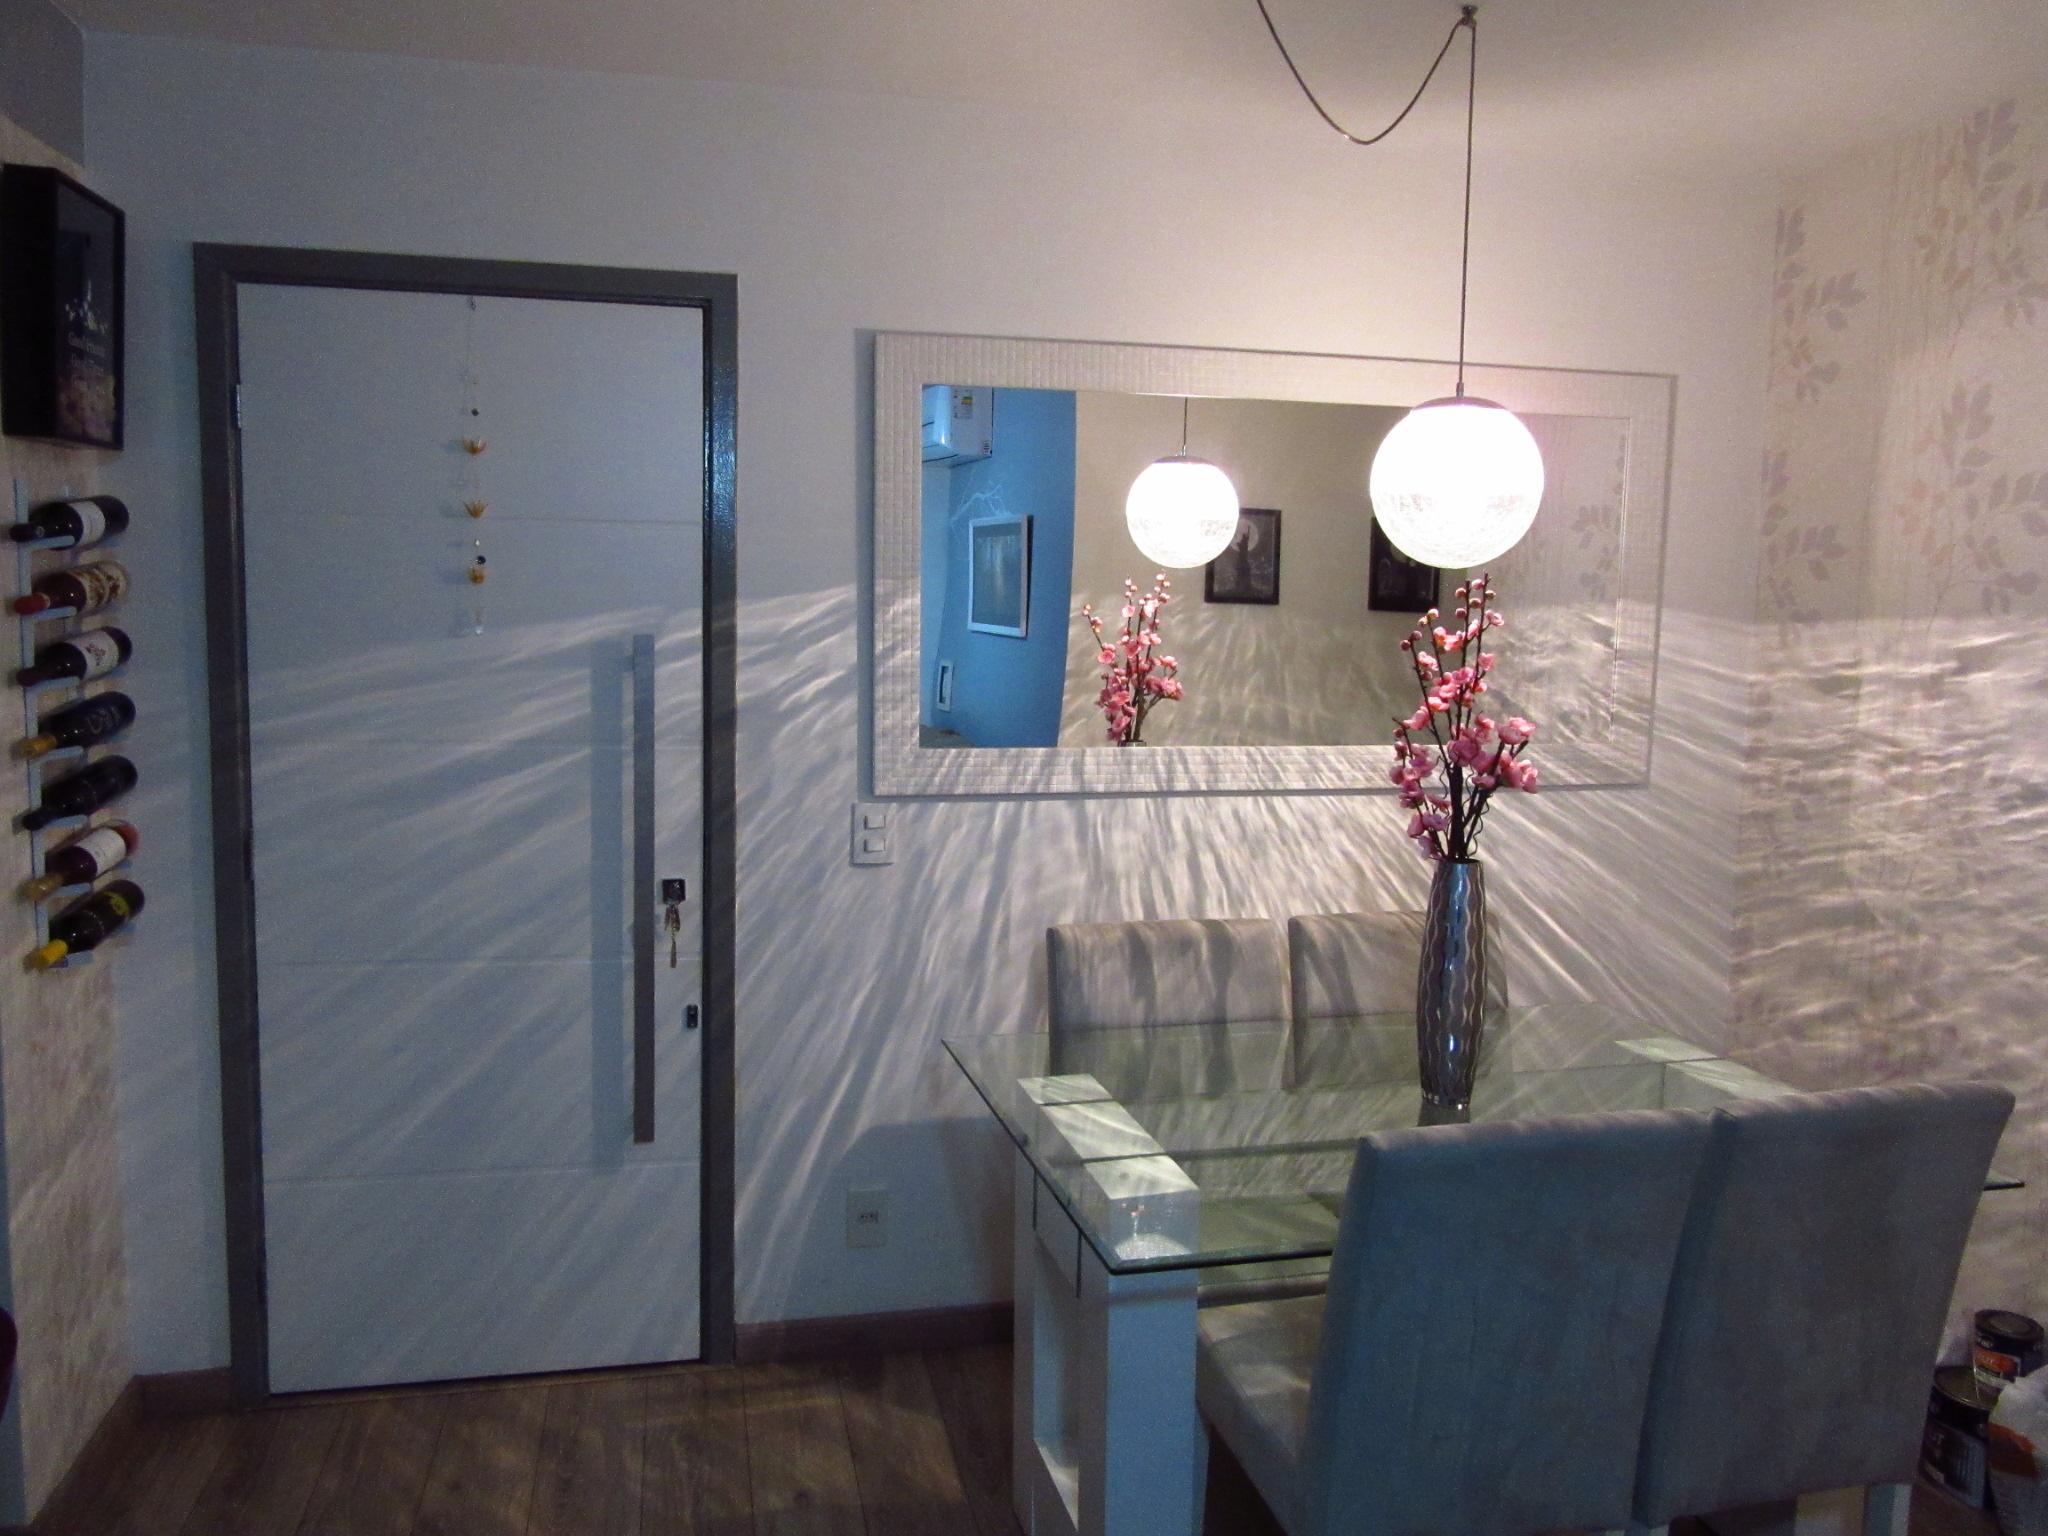 Pintura Portas Brancas A Saga Do Apartamento ~ Armario Quarto Branco Com Parede Colorida Quarto